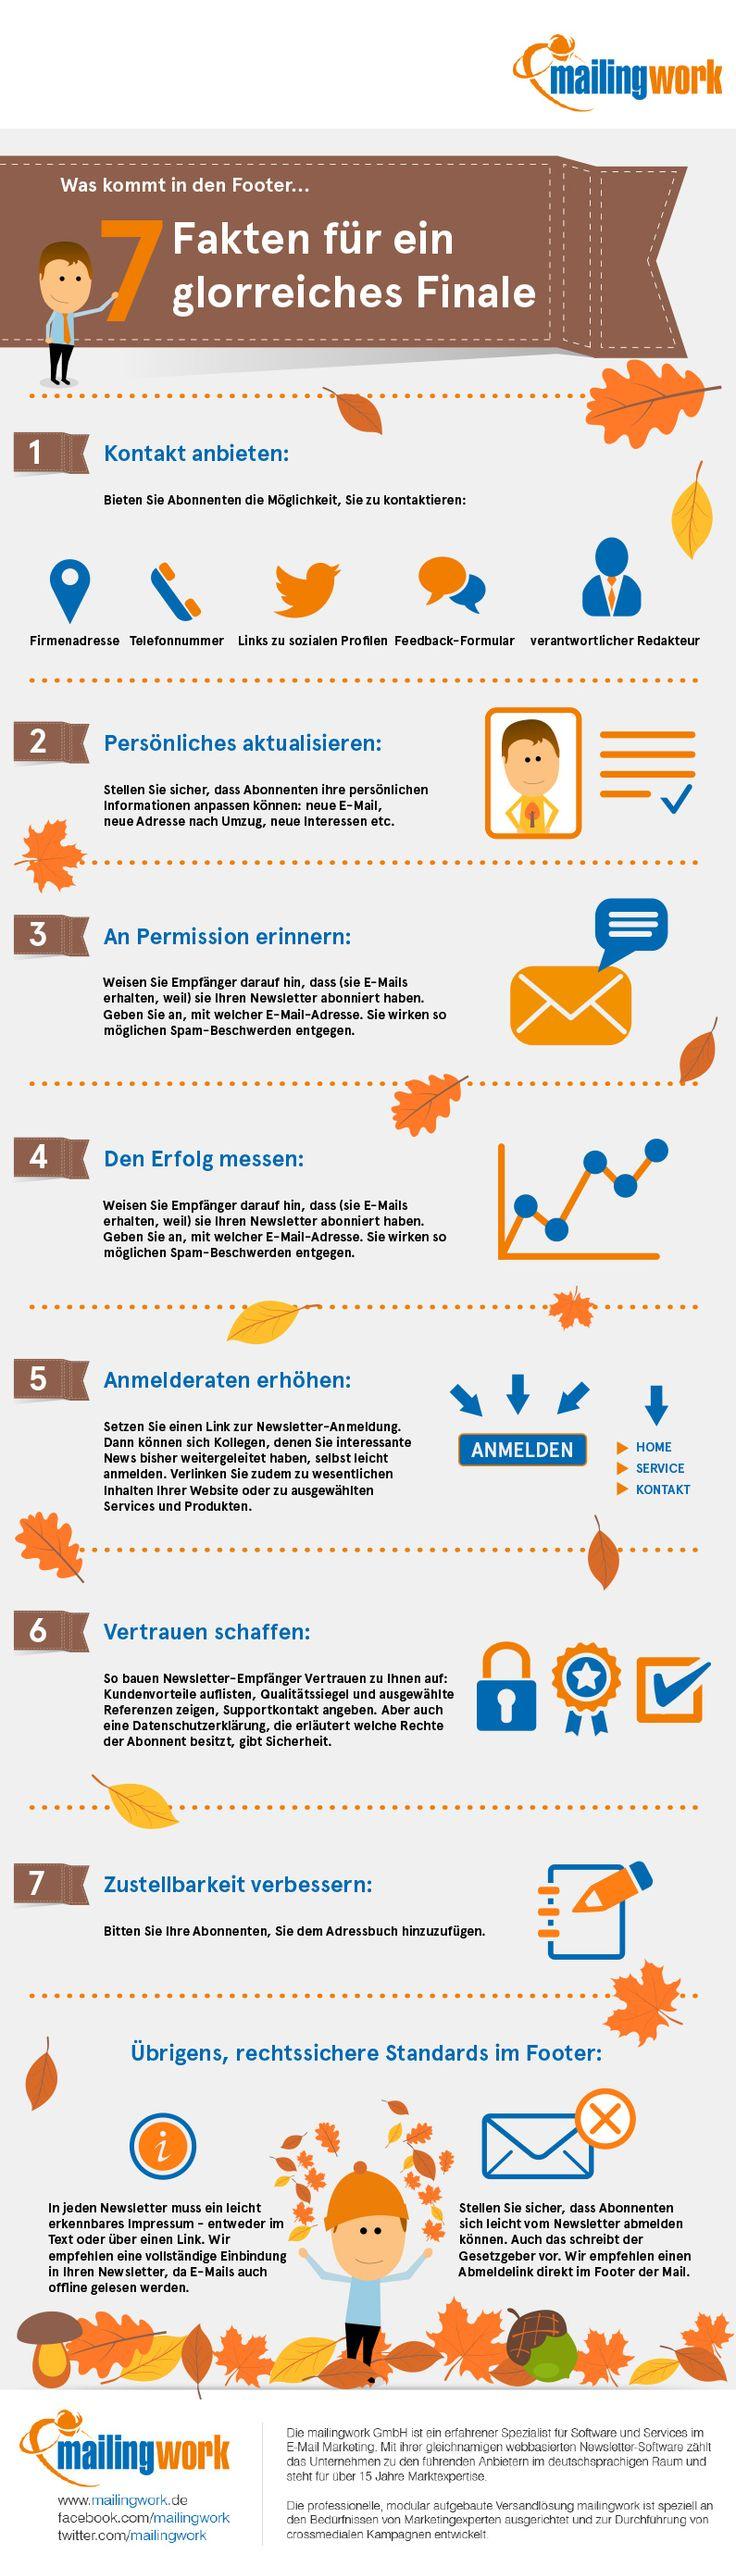 Der Footer – 7 Fakten für ein glorreiches Finale www.mailingwork.de